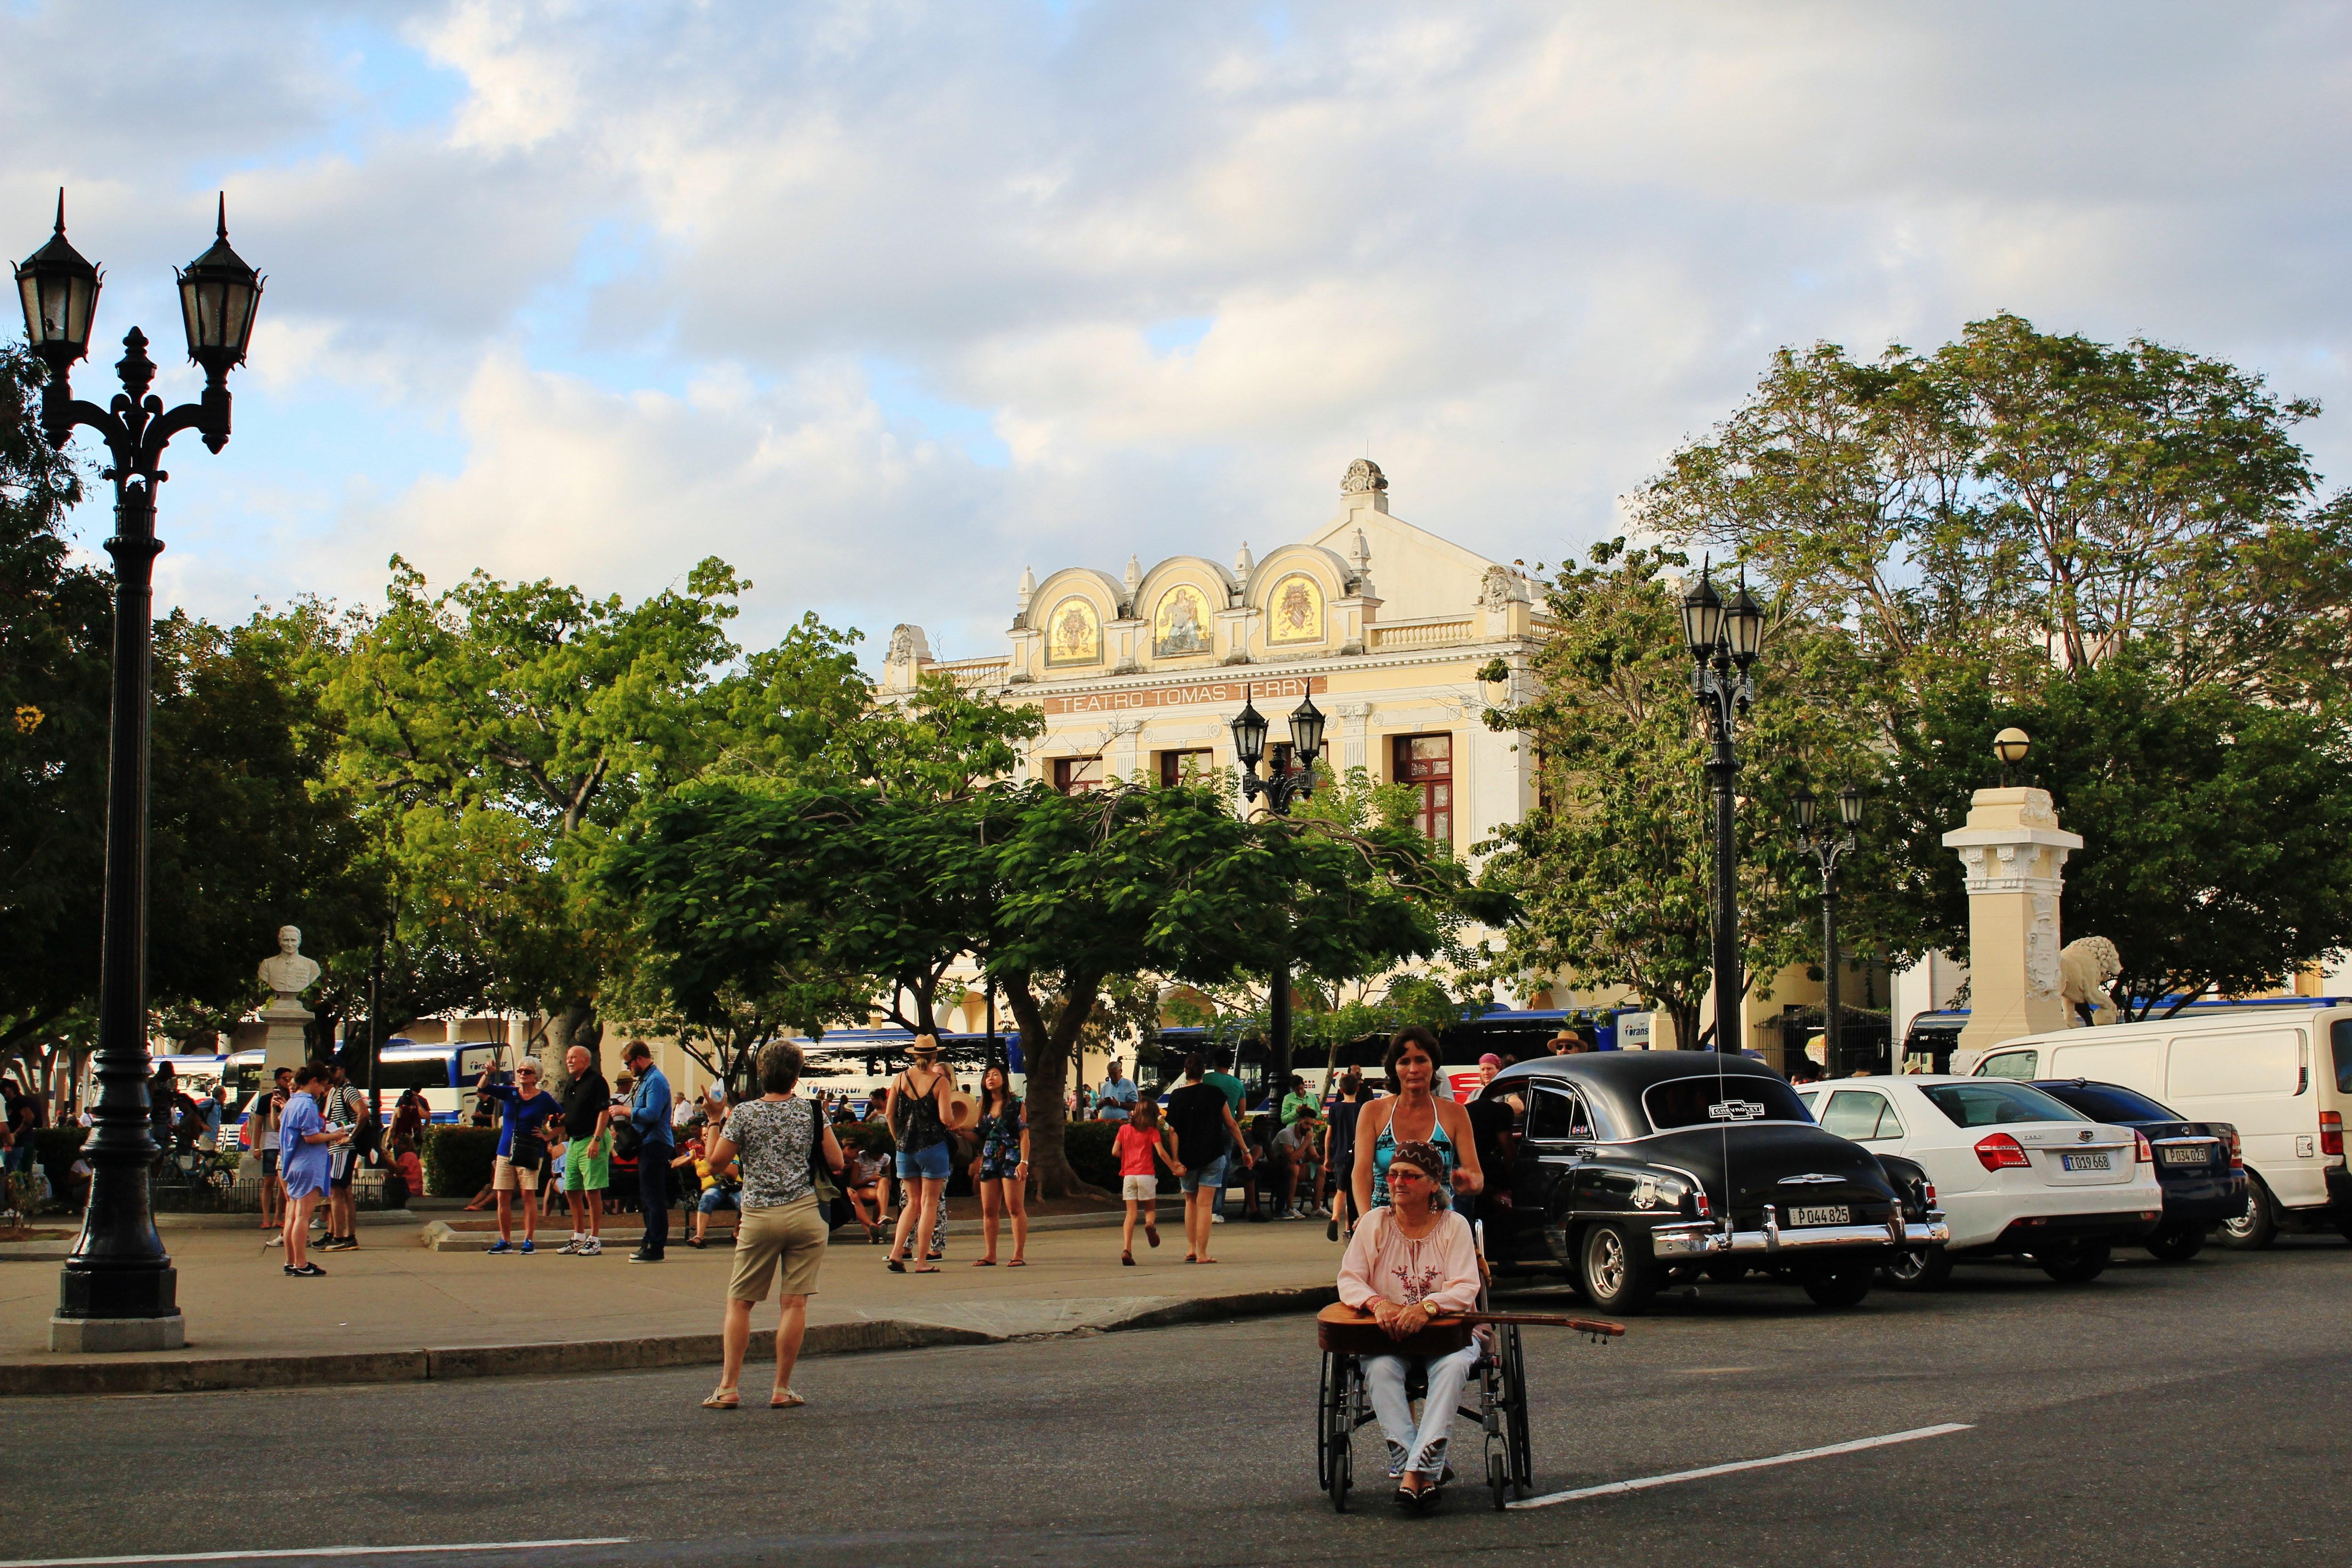 Plaza-Marti-Cienfuegos-2 A Cuban Road Trip, Part 1 - Cienfuegos Cienfuegos Cuba